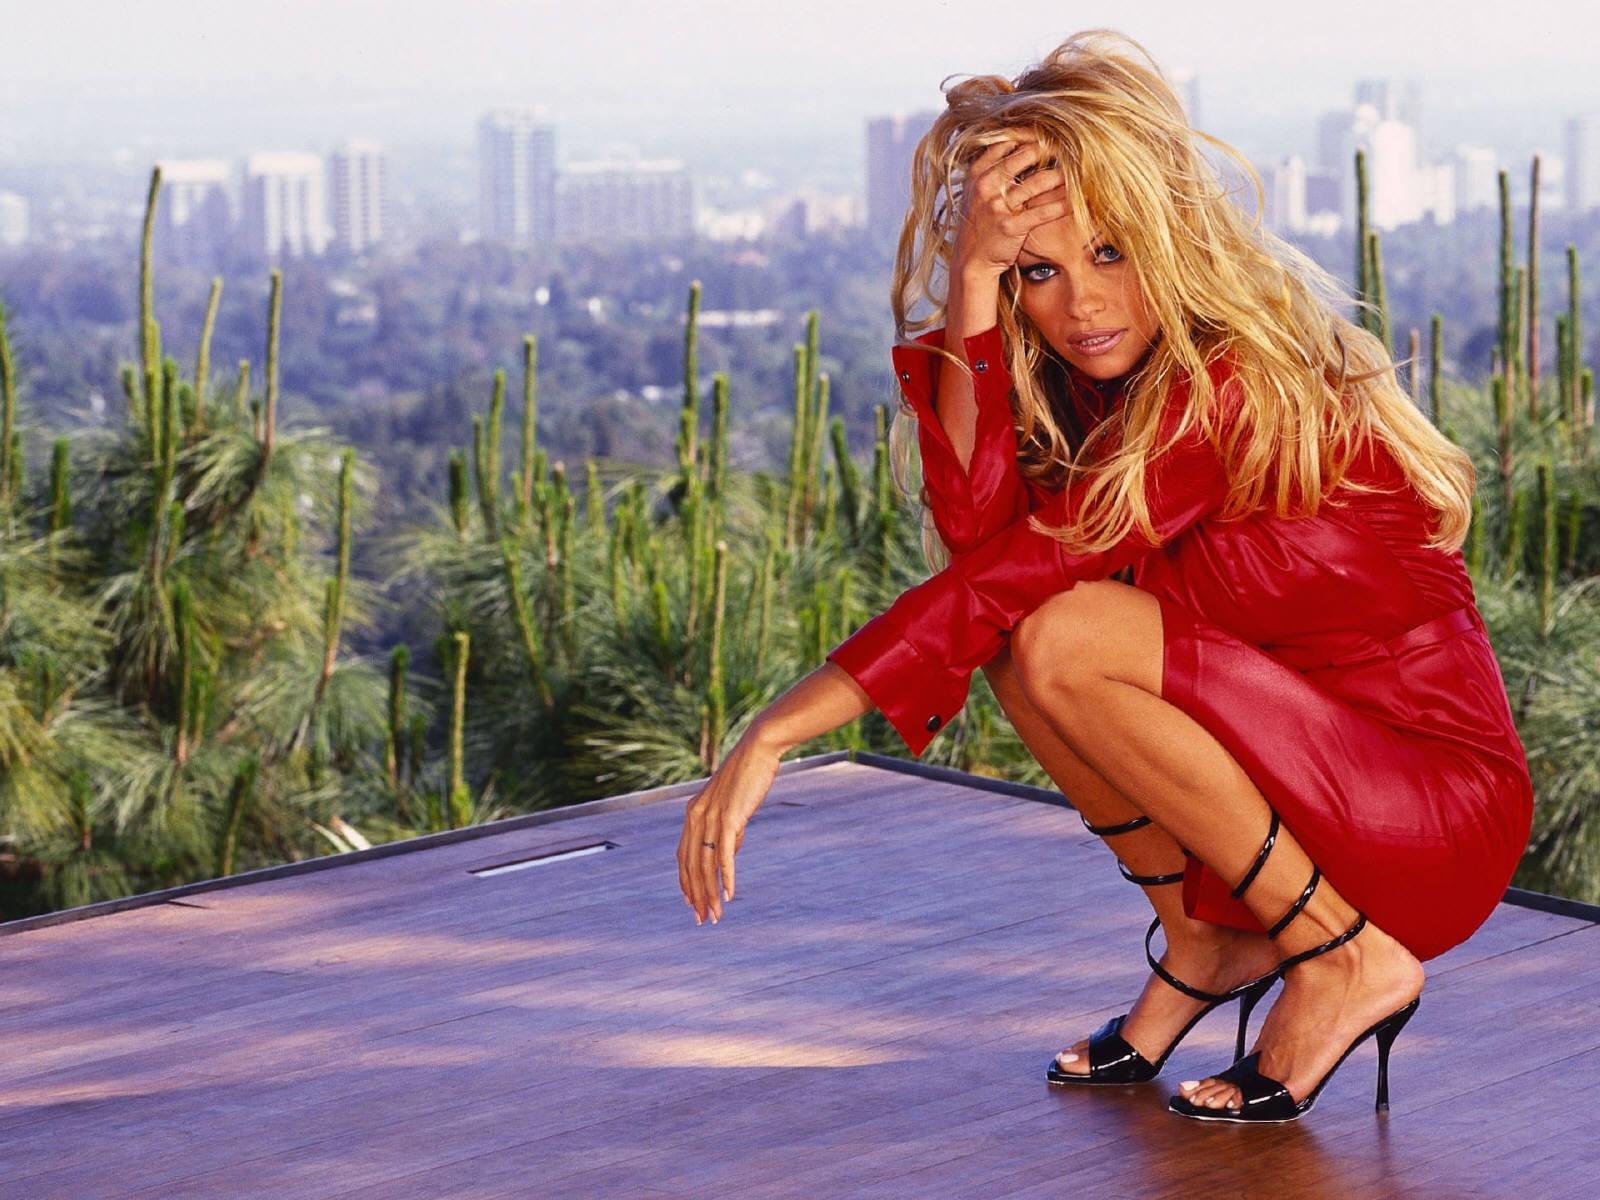 Wallpaper - tacchi alti e abito rosso per Pamela Anderson